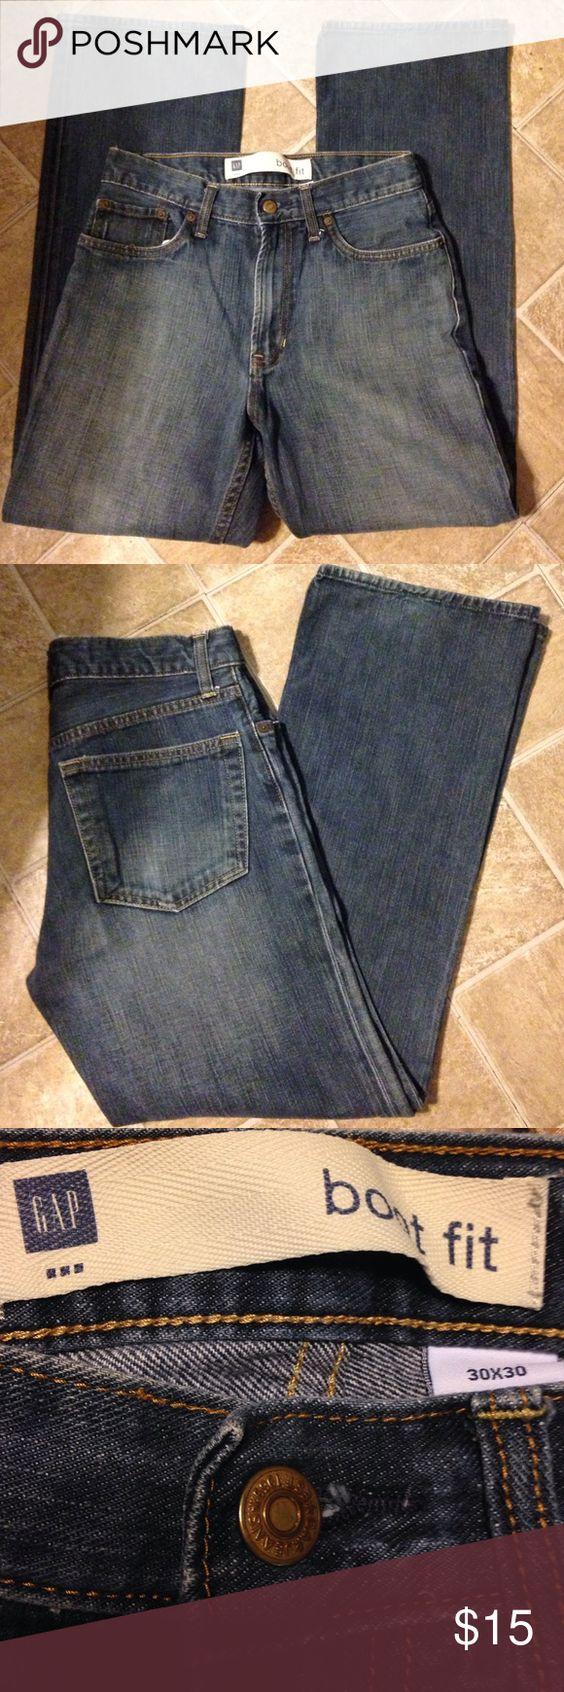 Gap boot fit jeans. Sz 30 x 30 Gap boot fit jeans. Sz 30 x 30. GAP Jeans Bootcut